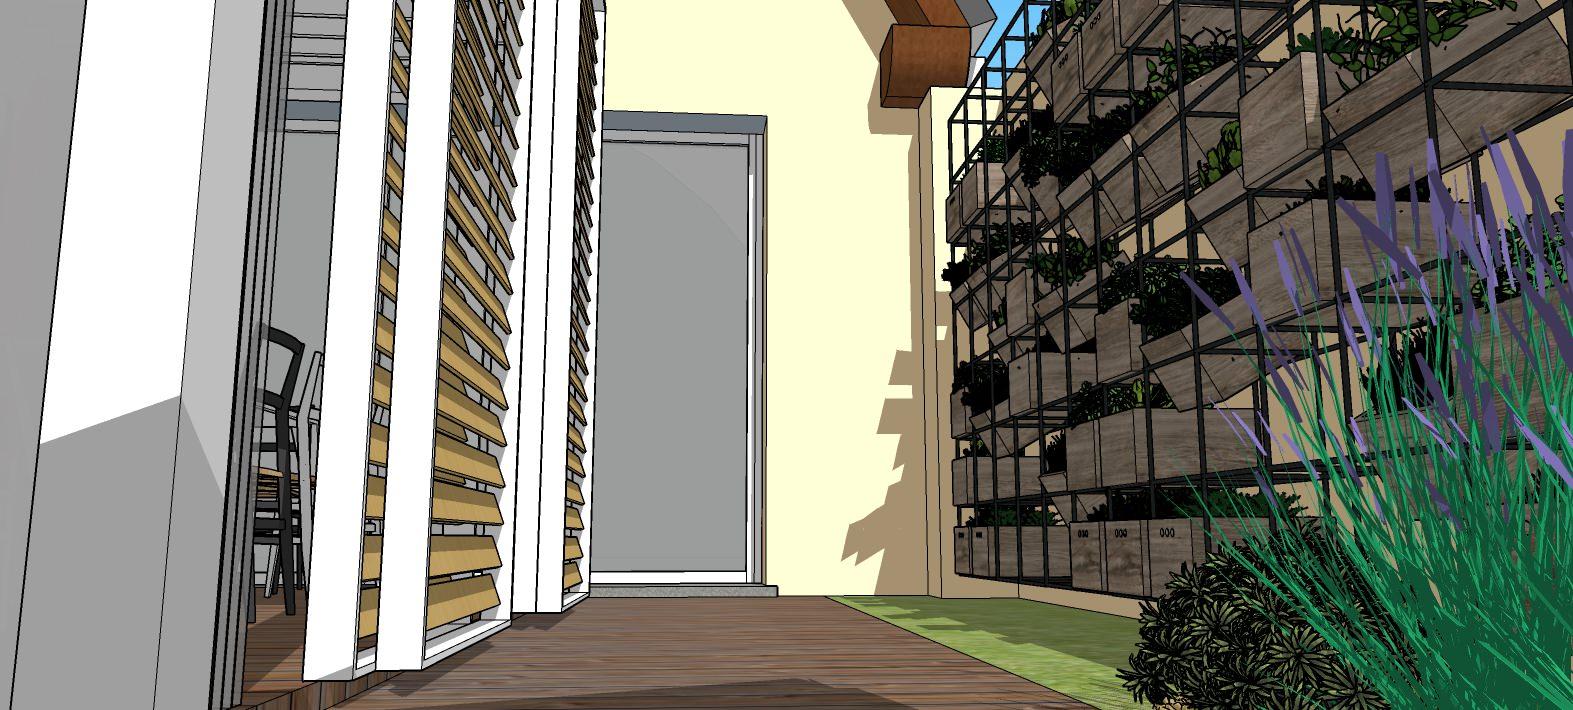 Dettaglio del vialetto d'ingresso e della zona per la coltivazione di erbe aroma